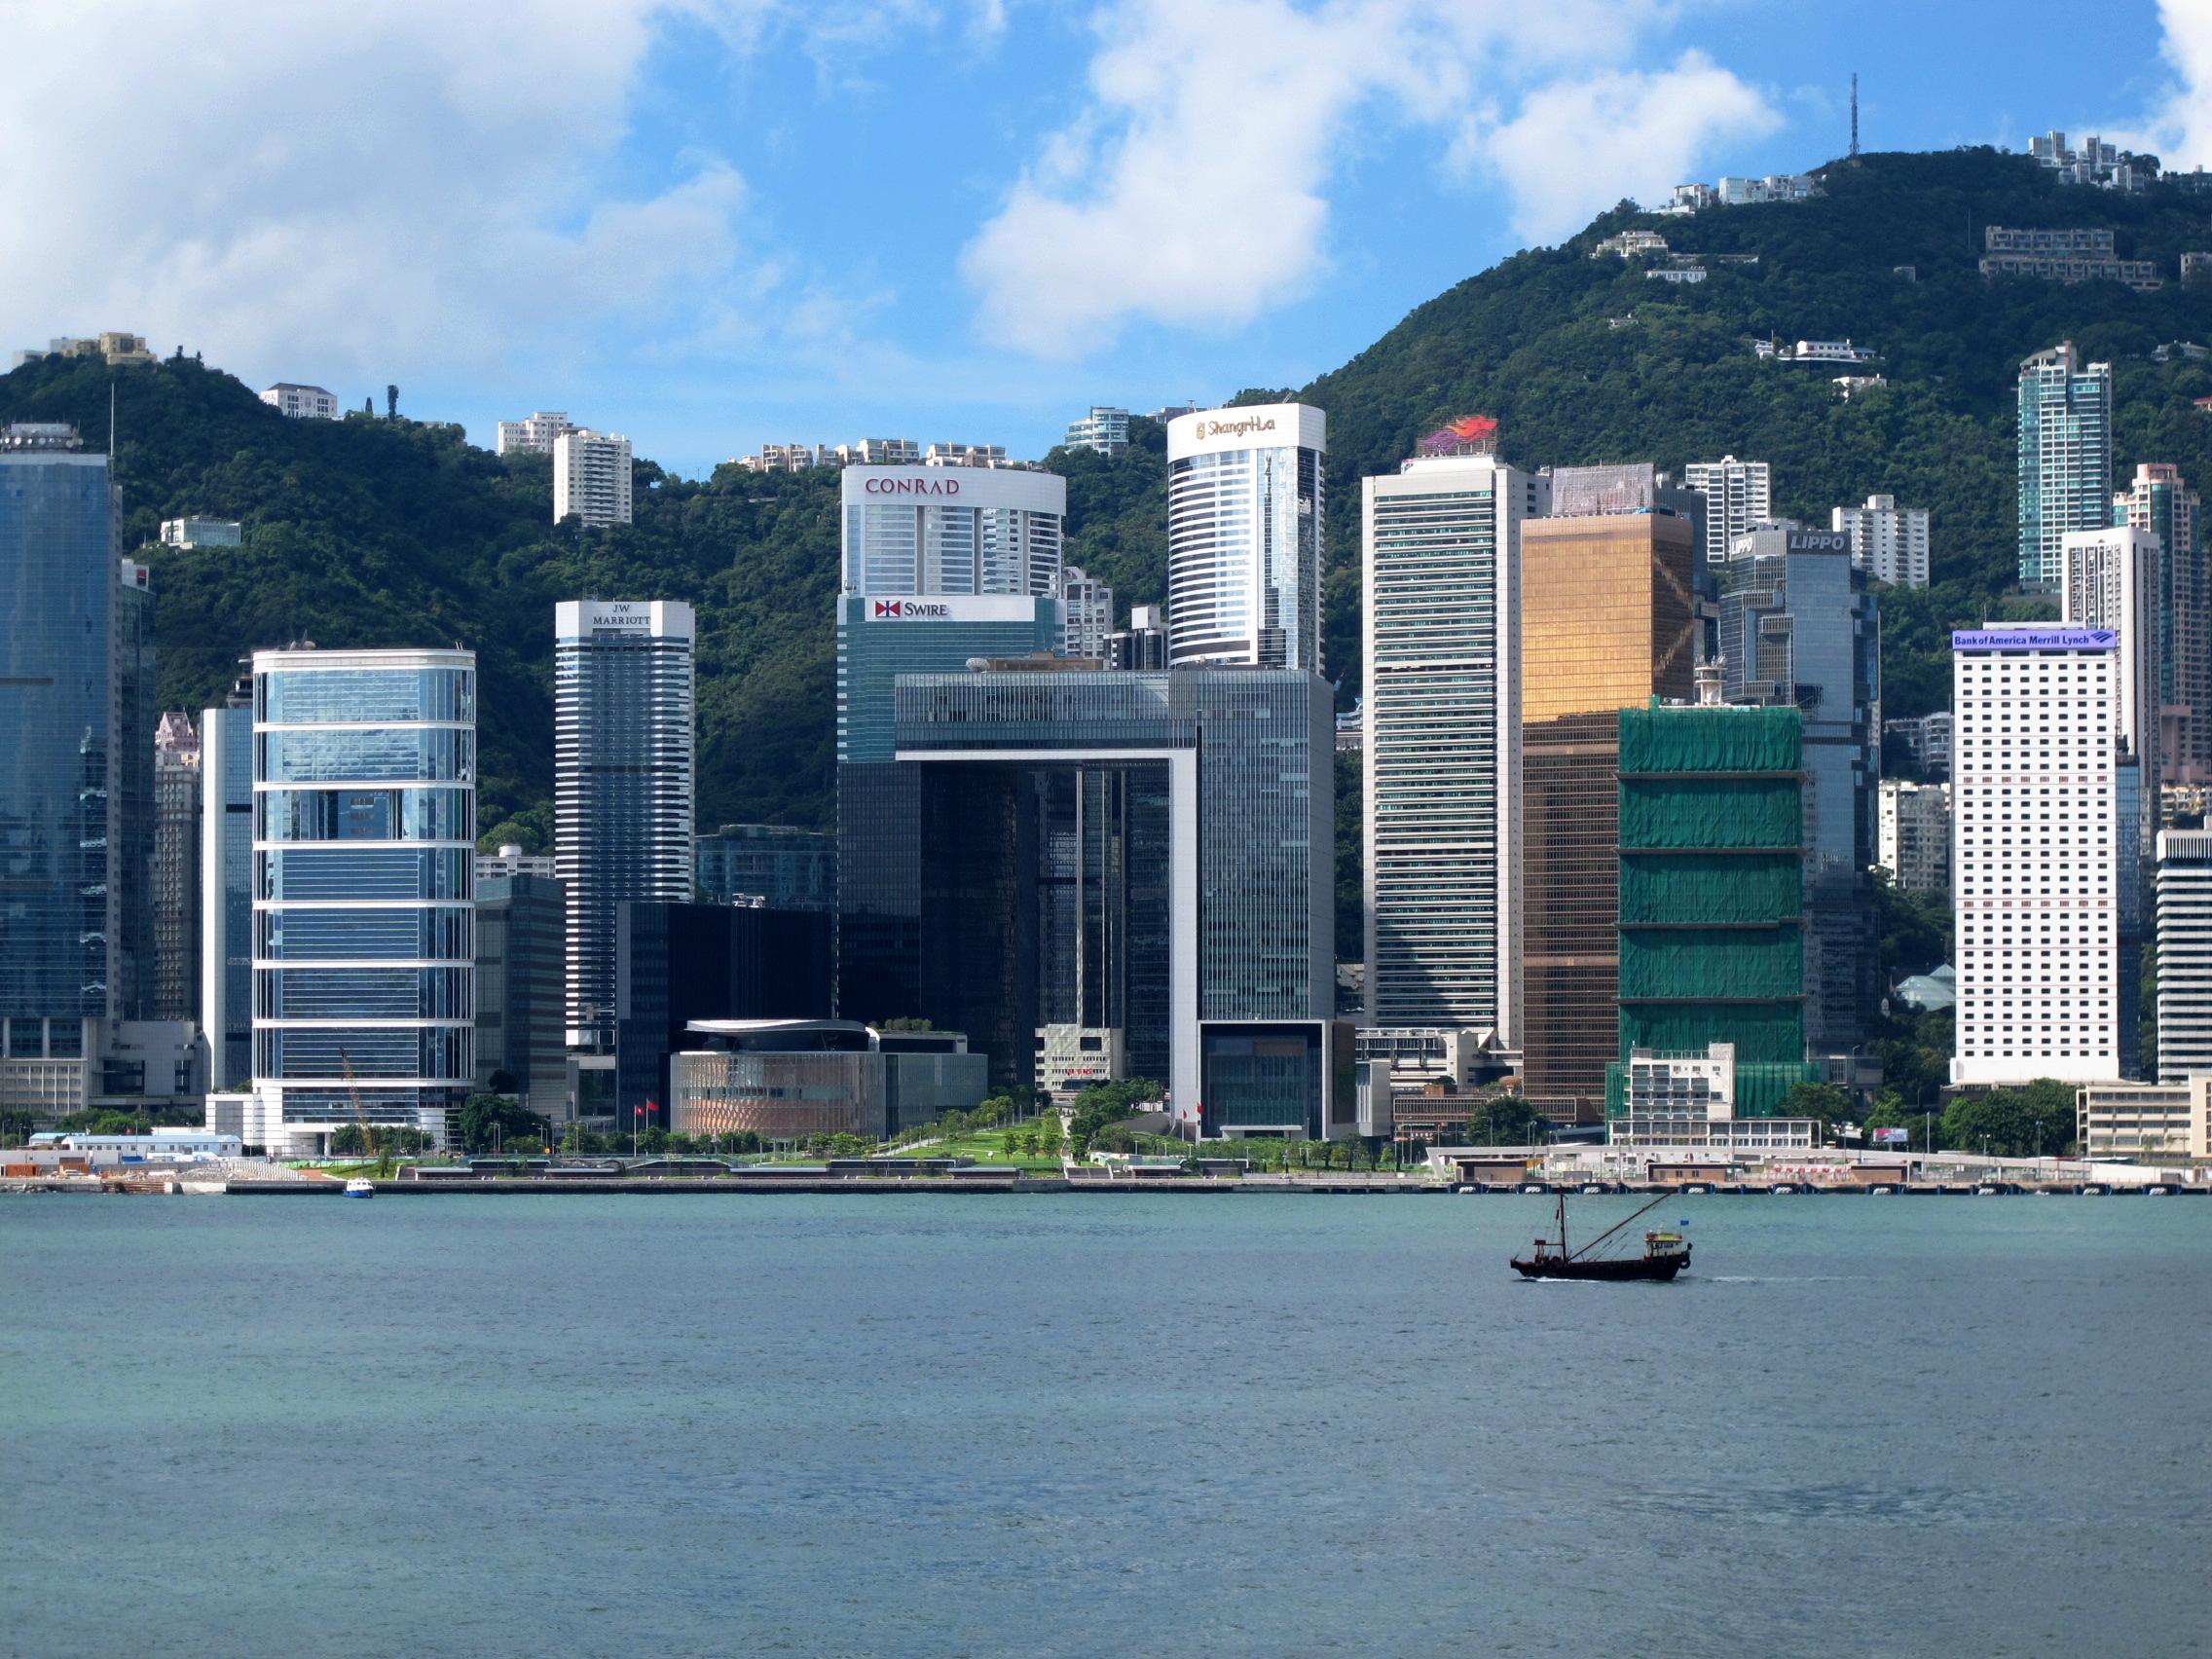 ผลการค้นหารูปภาพสำหรับ Admiralty Center hong kong